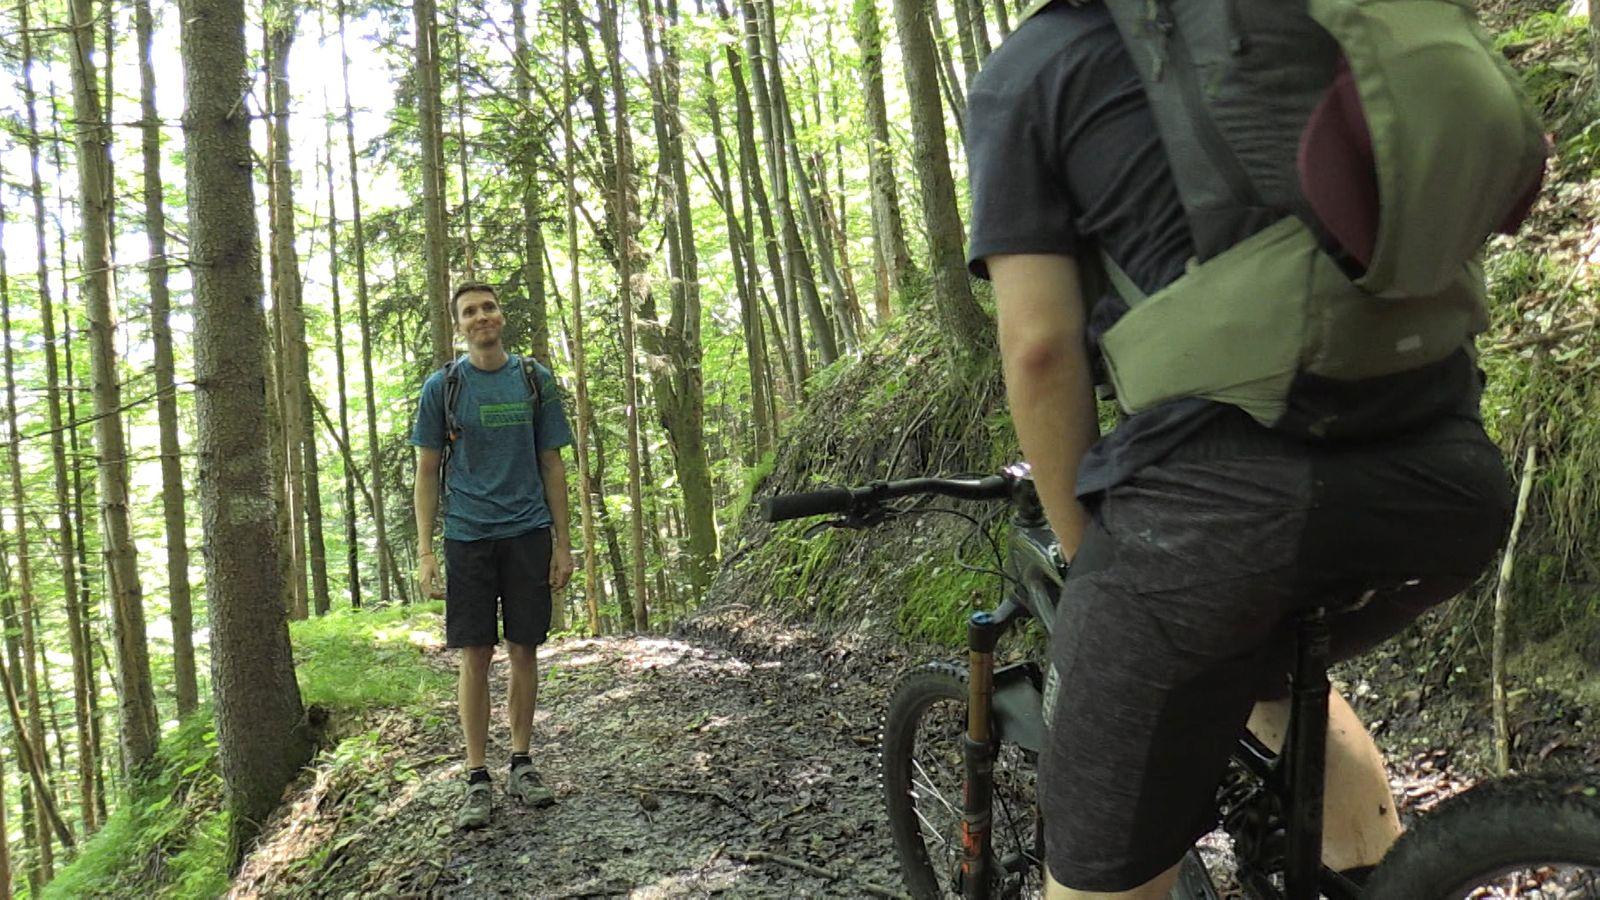 Fahrradladen Offnen Wieder Das Mussen Sie Beachten